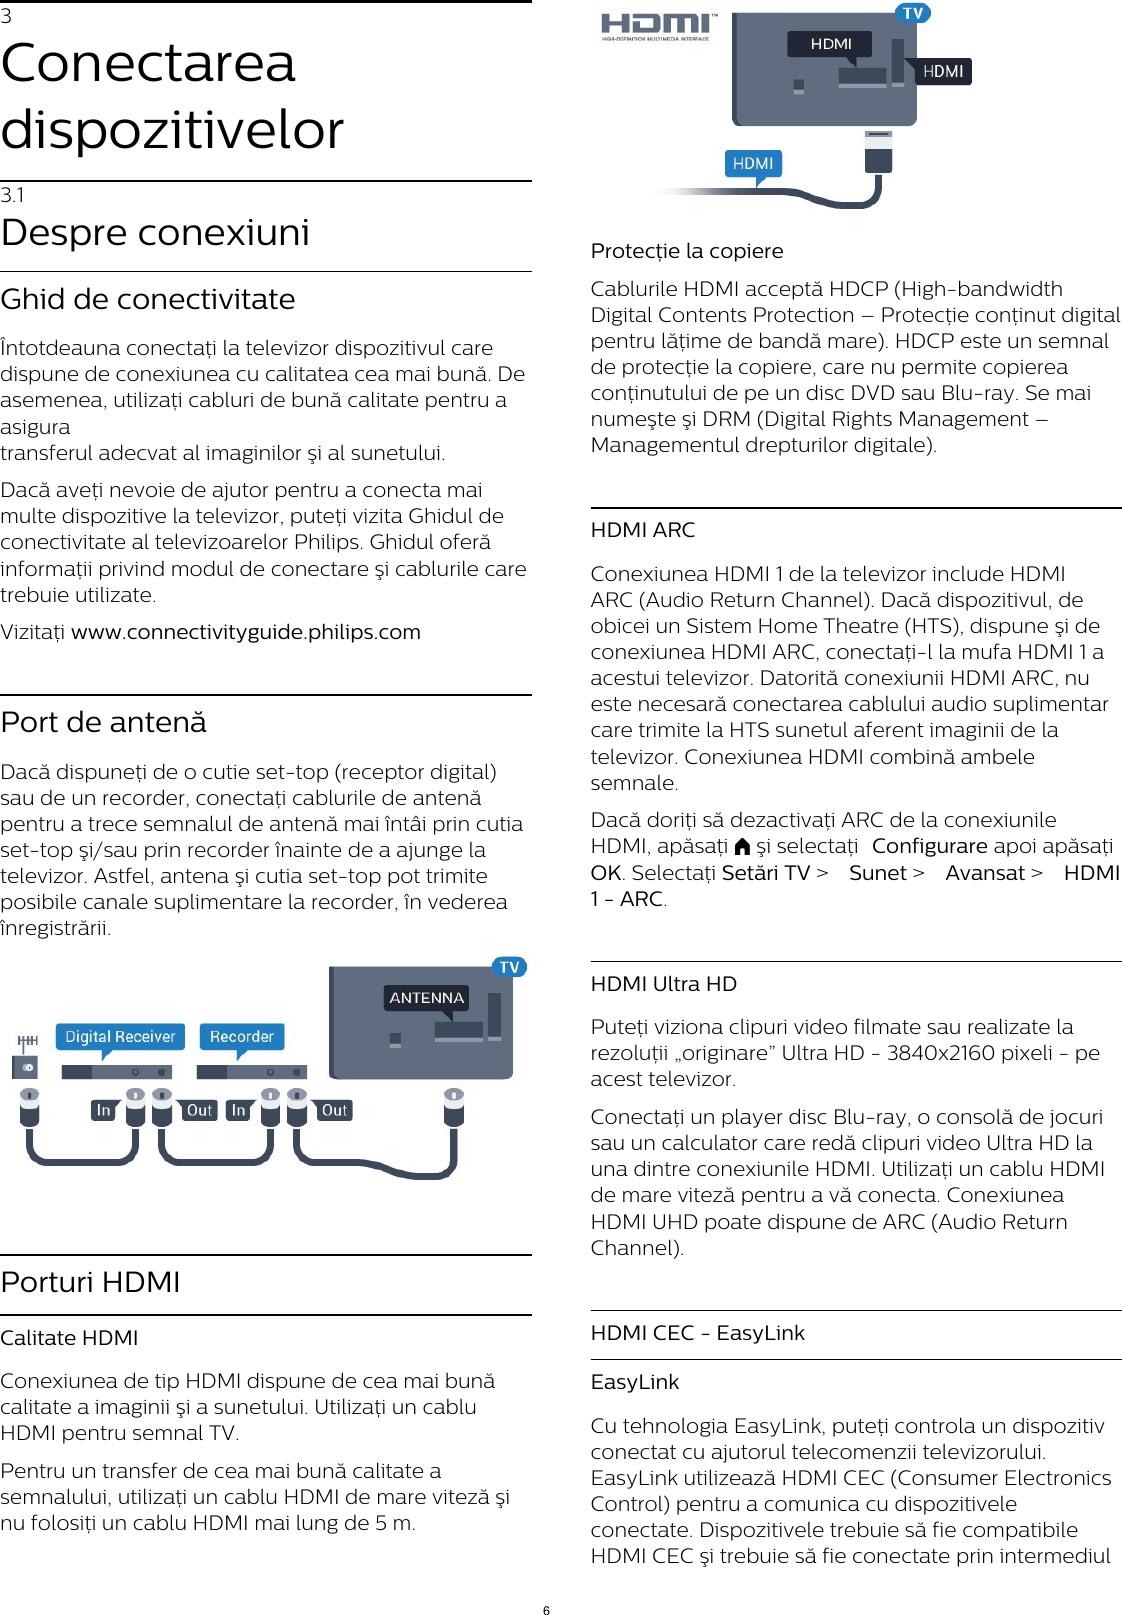 scutere-galant.ro - Site map - 2 - Cum să restabiliți vederea într-o lună